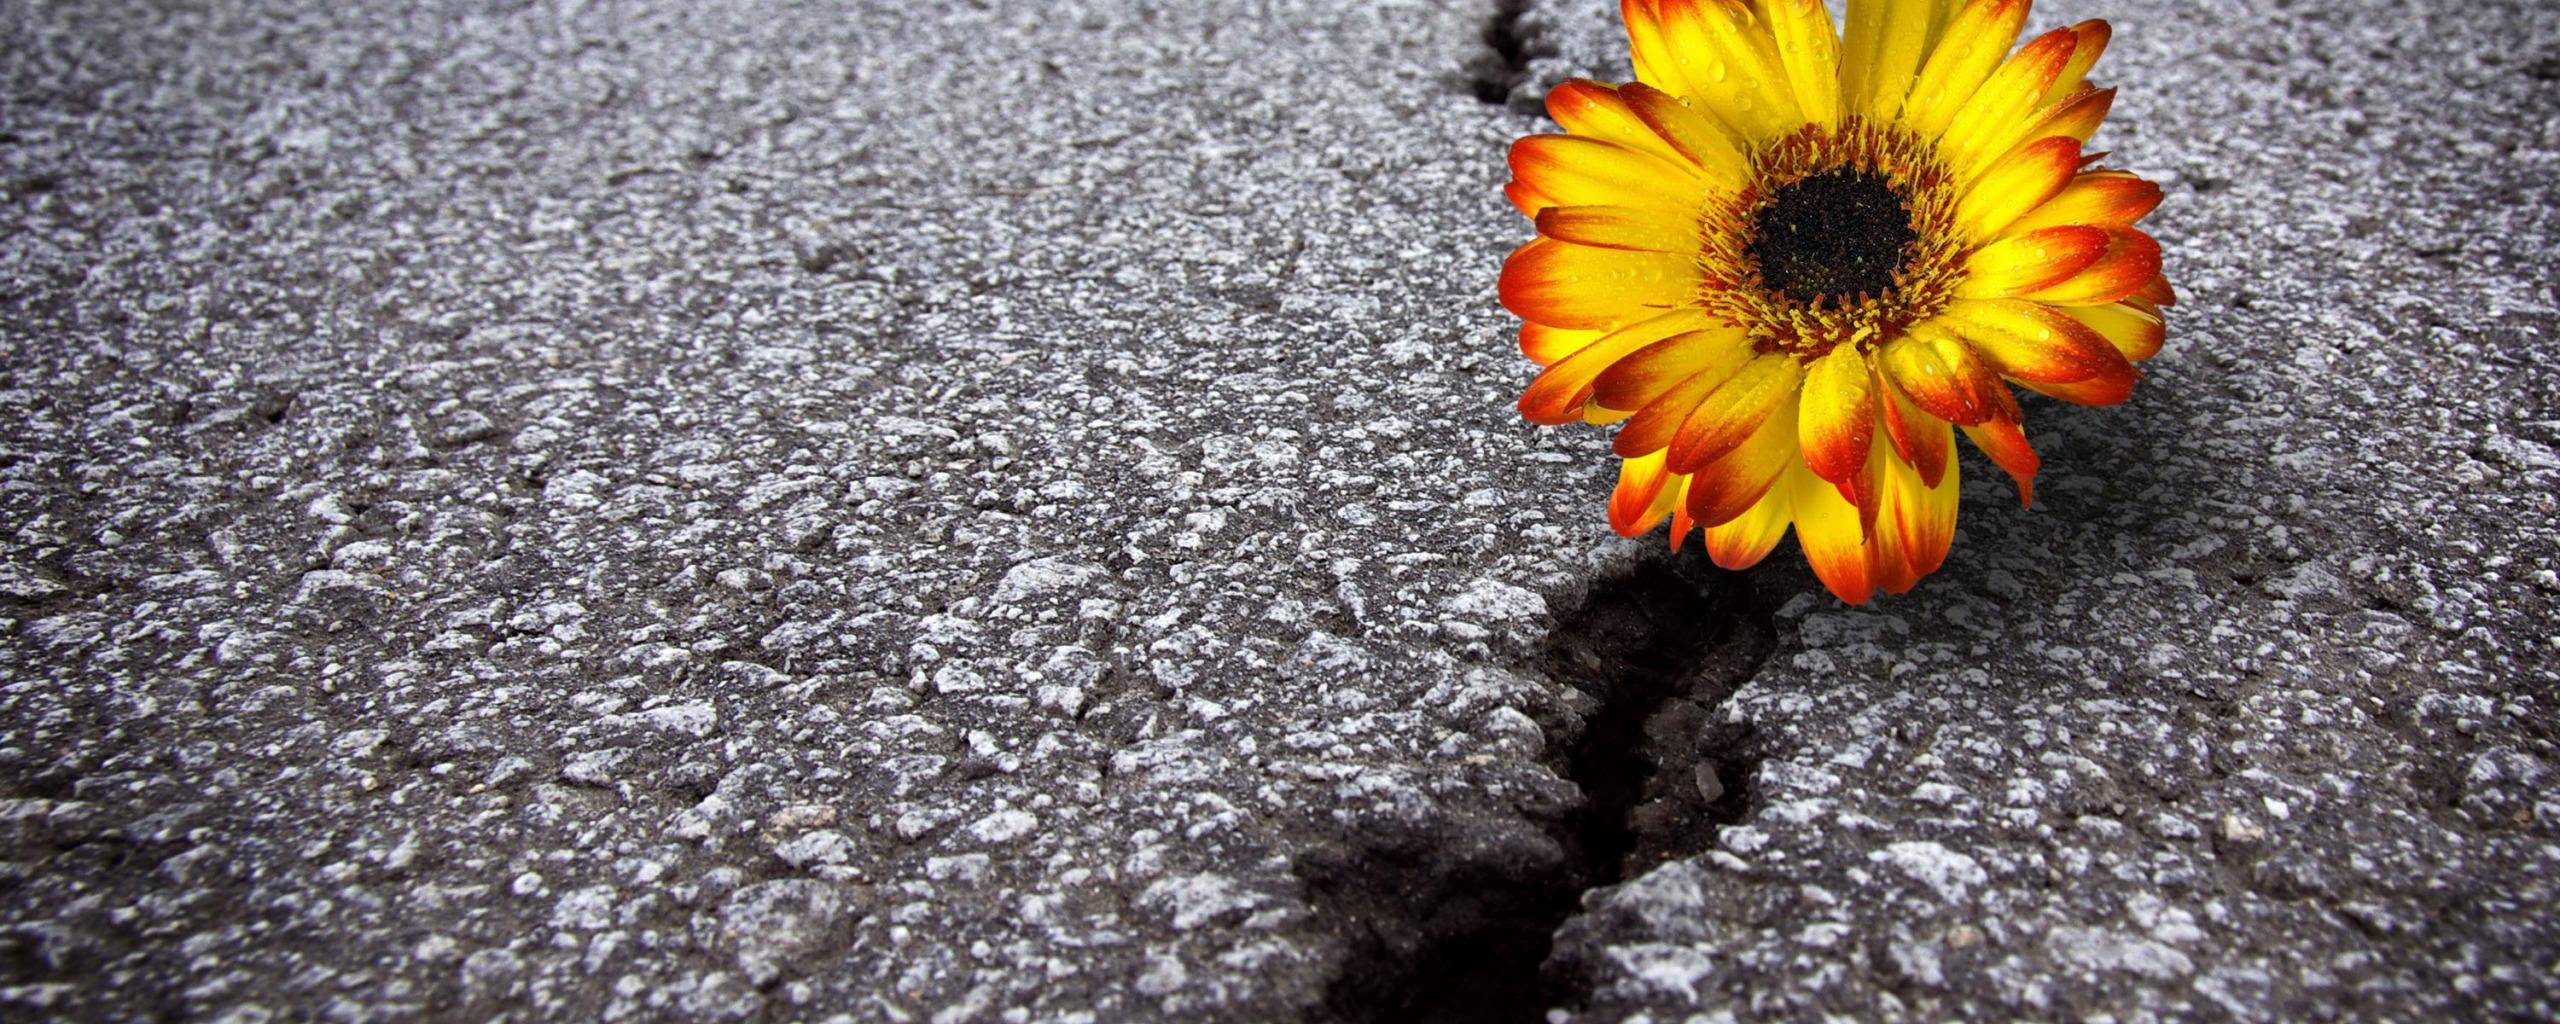 Красивые картинки цветок из асфальта